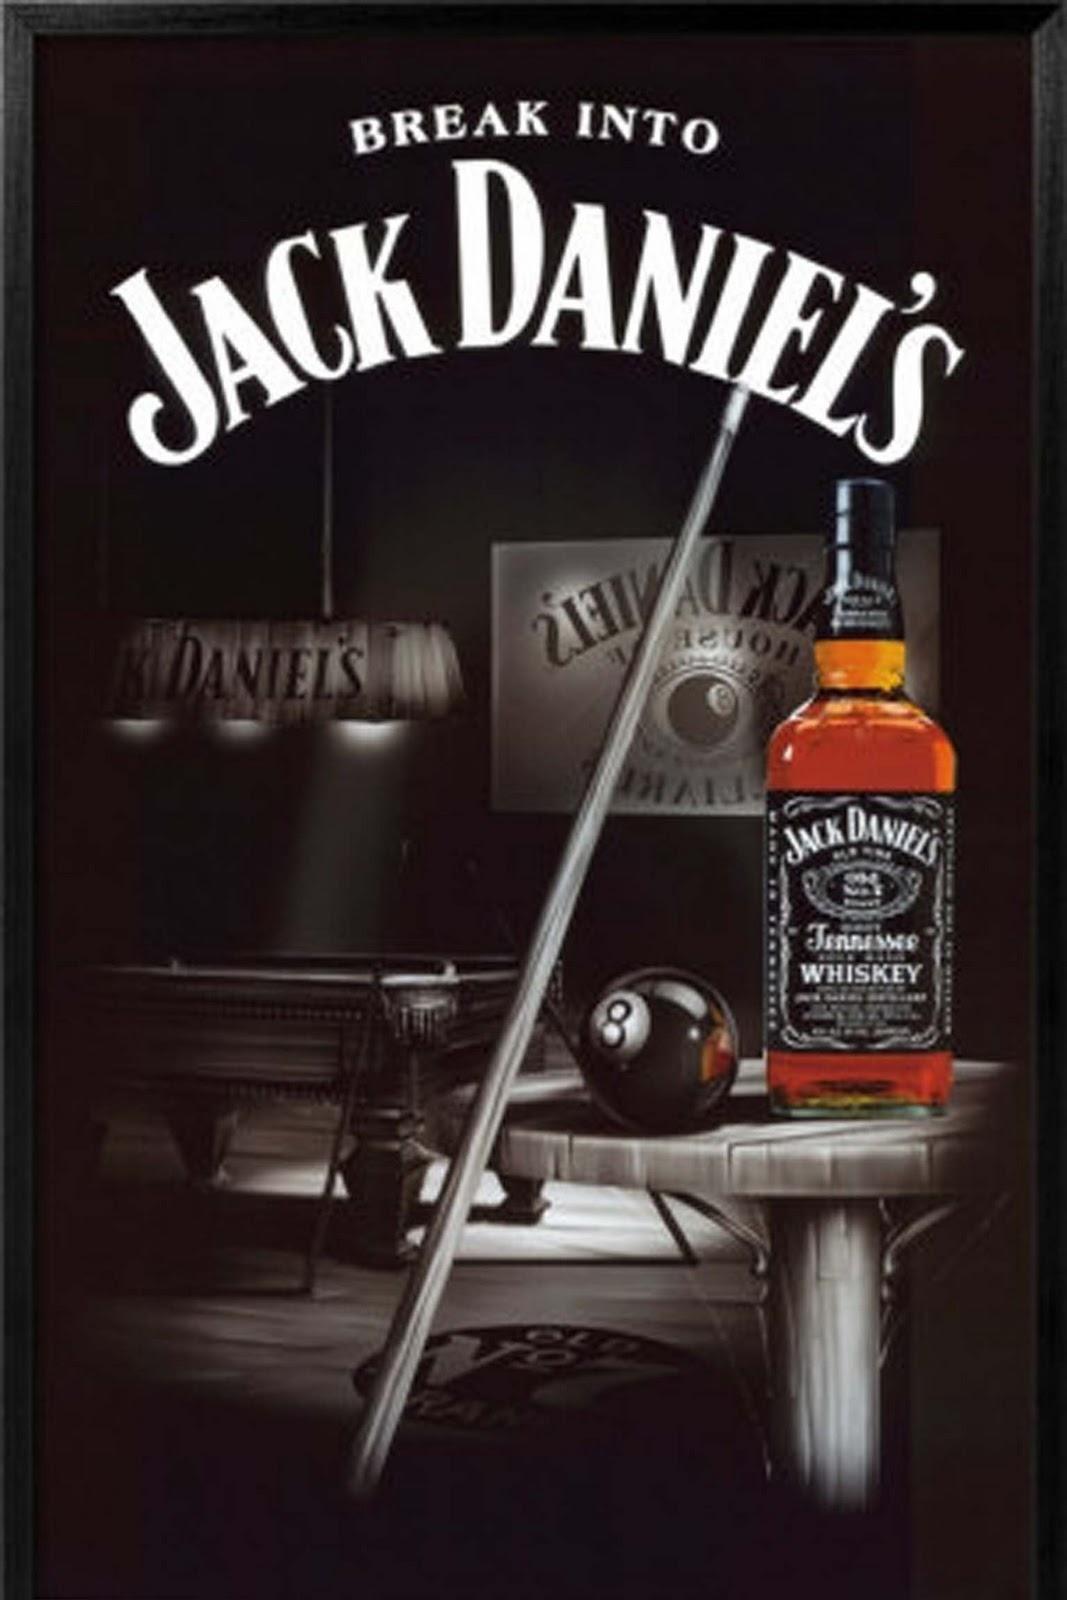 http://1.bp.blogspot.com/-lAXXJKoEOaI/TZi49qLn2eI/AAAAAAAAAb4/9QXSOUtDnBs/s1600/wallpapers_jack_daniels_mesa_billar.jpg